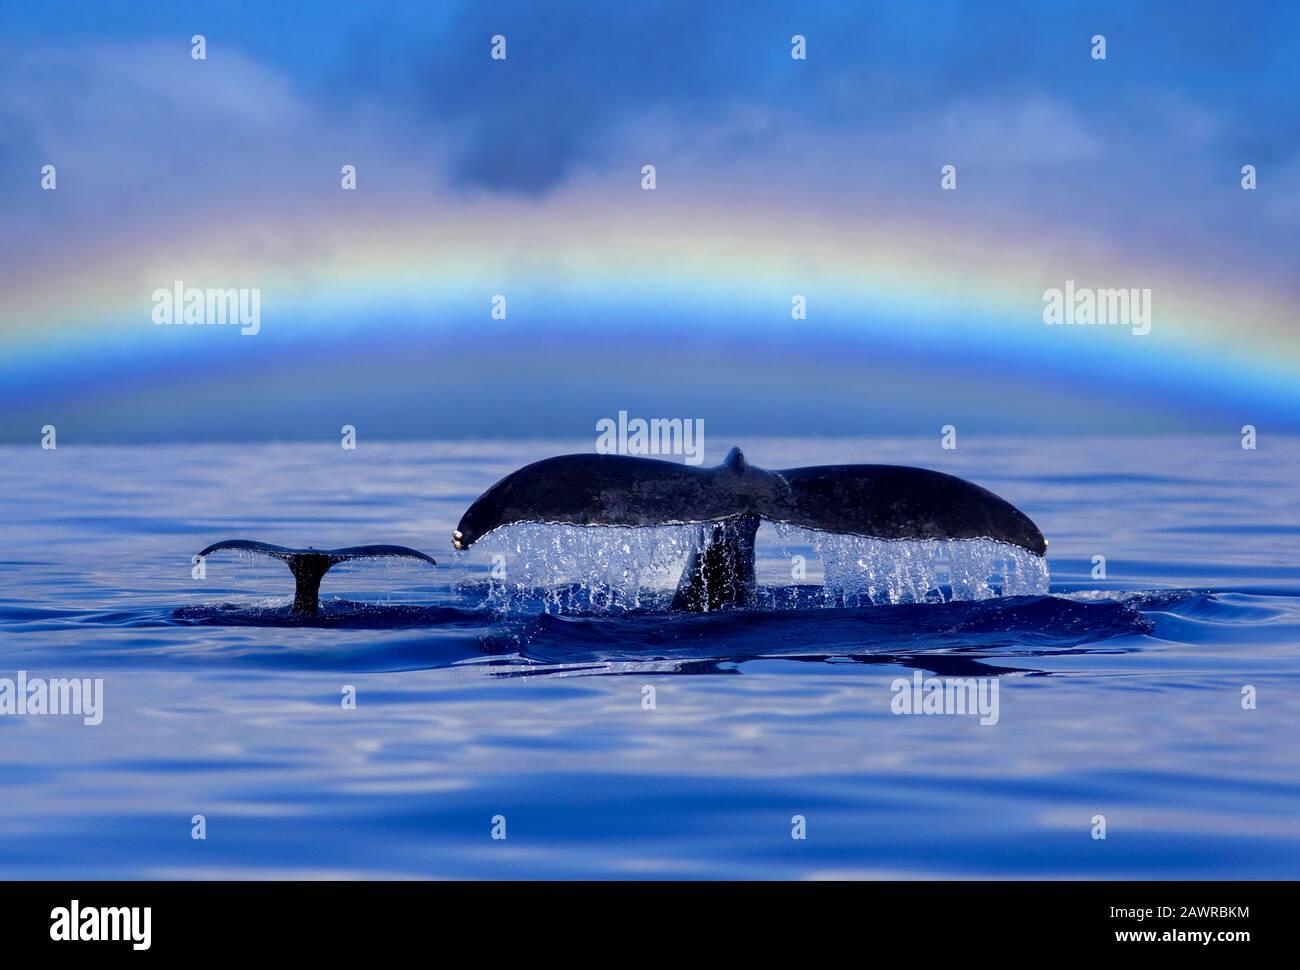 Las ballenas jorobadas de madre y ternero bucean con arcoiris, Maui, Hawai. Mamá y ternero Foto de stock